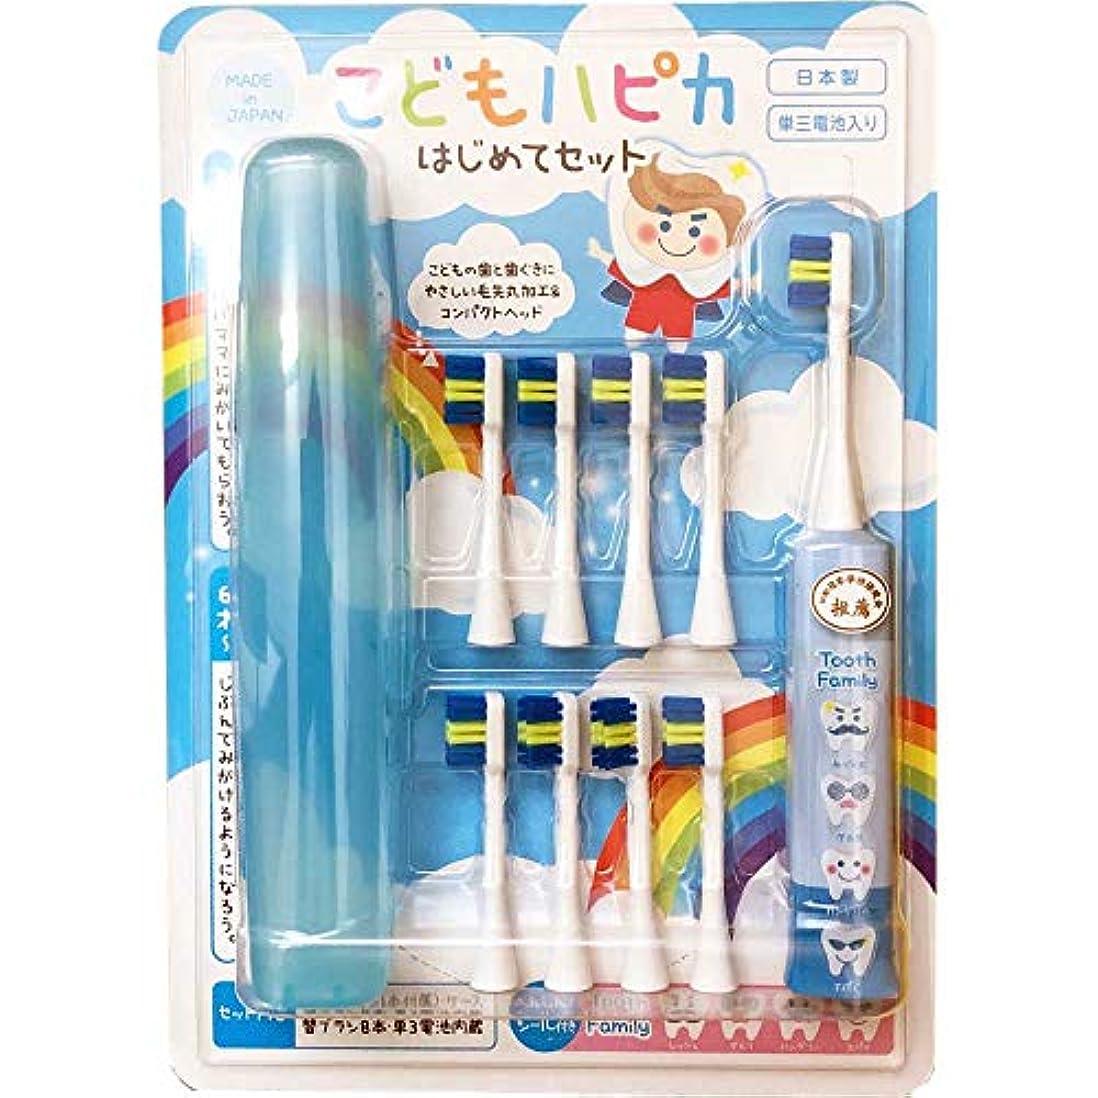 蓋さびたバラ色ミニマム こどもハピカセット ブルー 子供用電動歯ブラシ